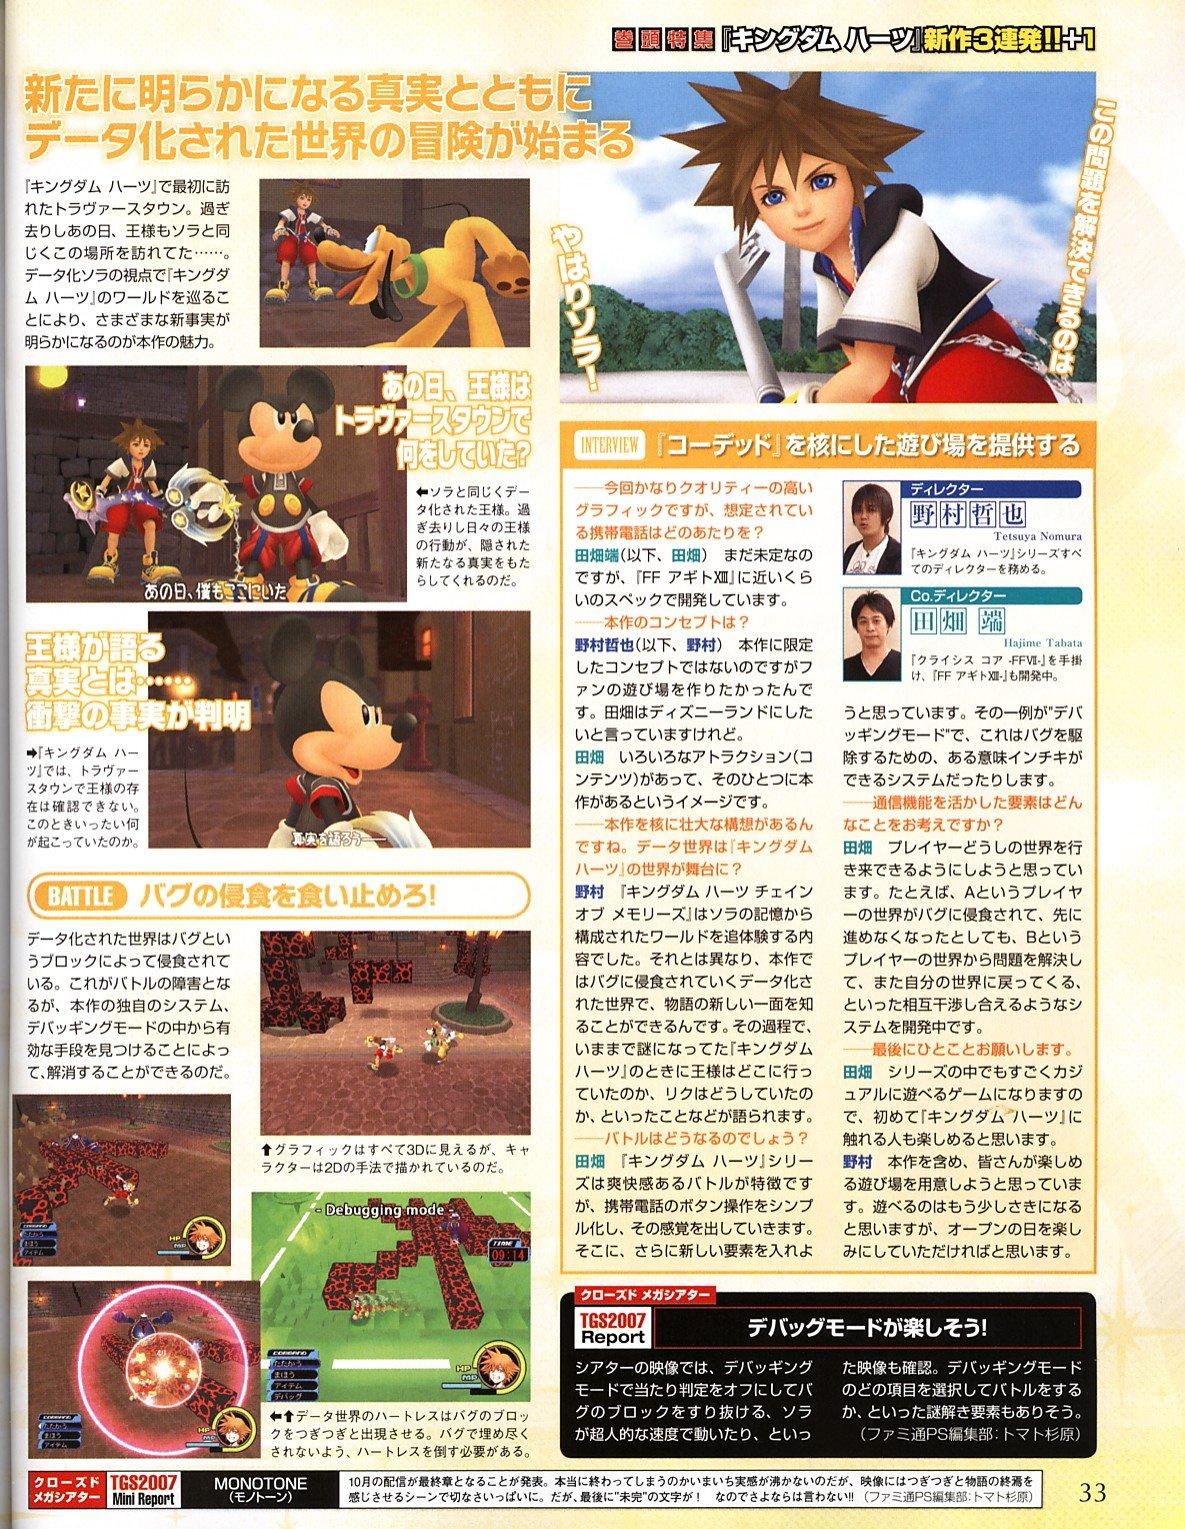 Des scans pour Kingdom Hearts: Coded